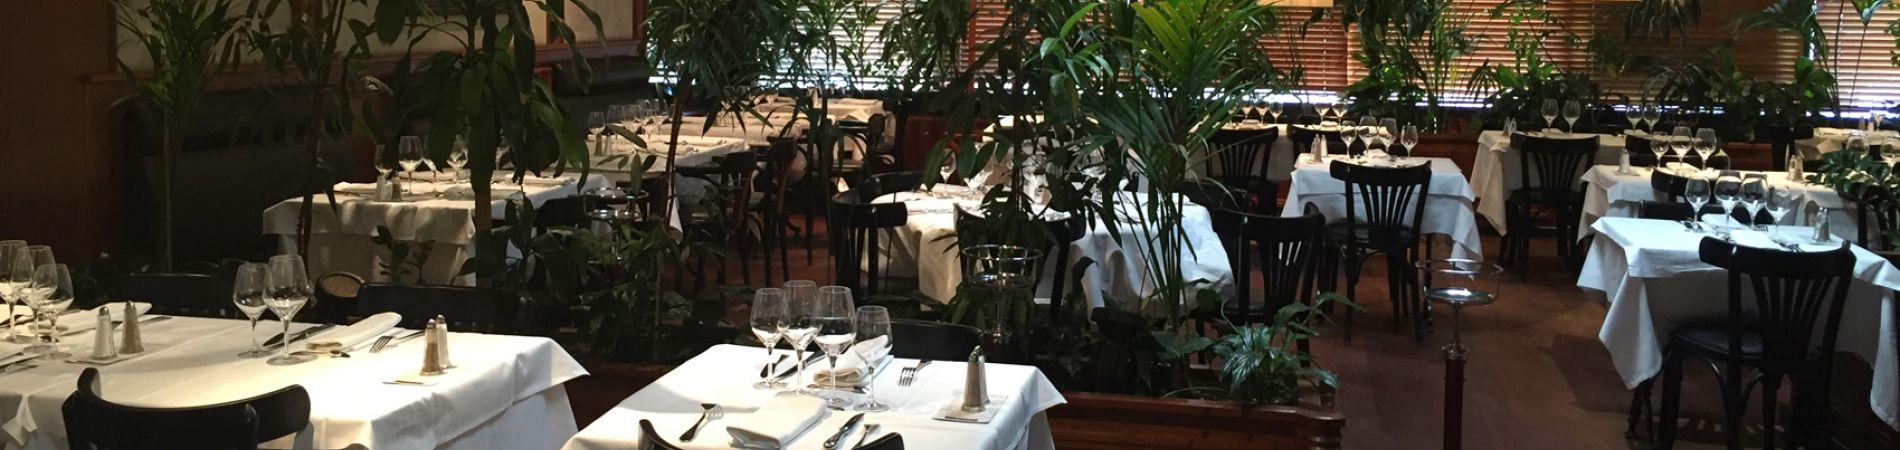 Las artes de la mesa en Les Grands Buffets.